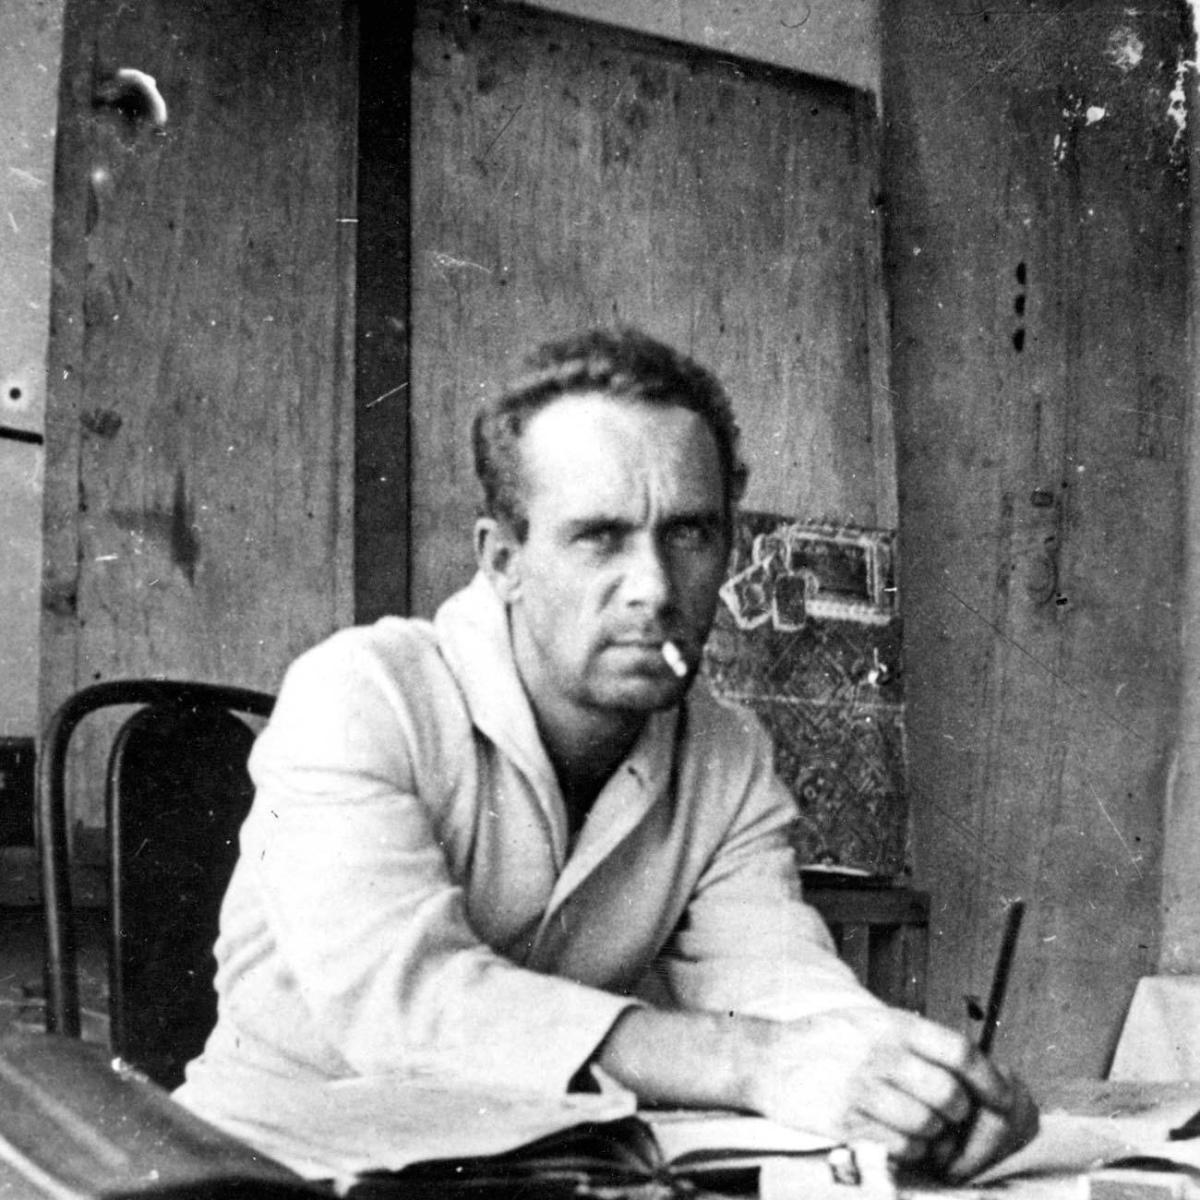 Ivan Leonidov: Artist, dreamer, poet